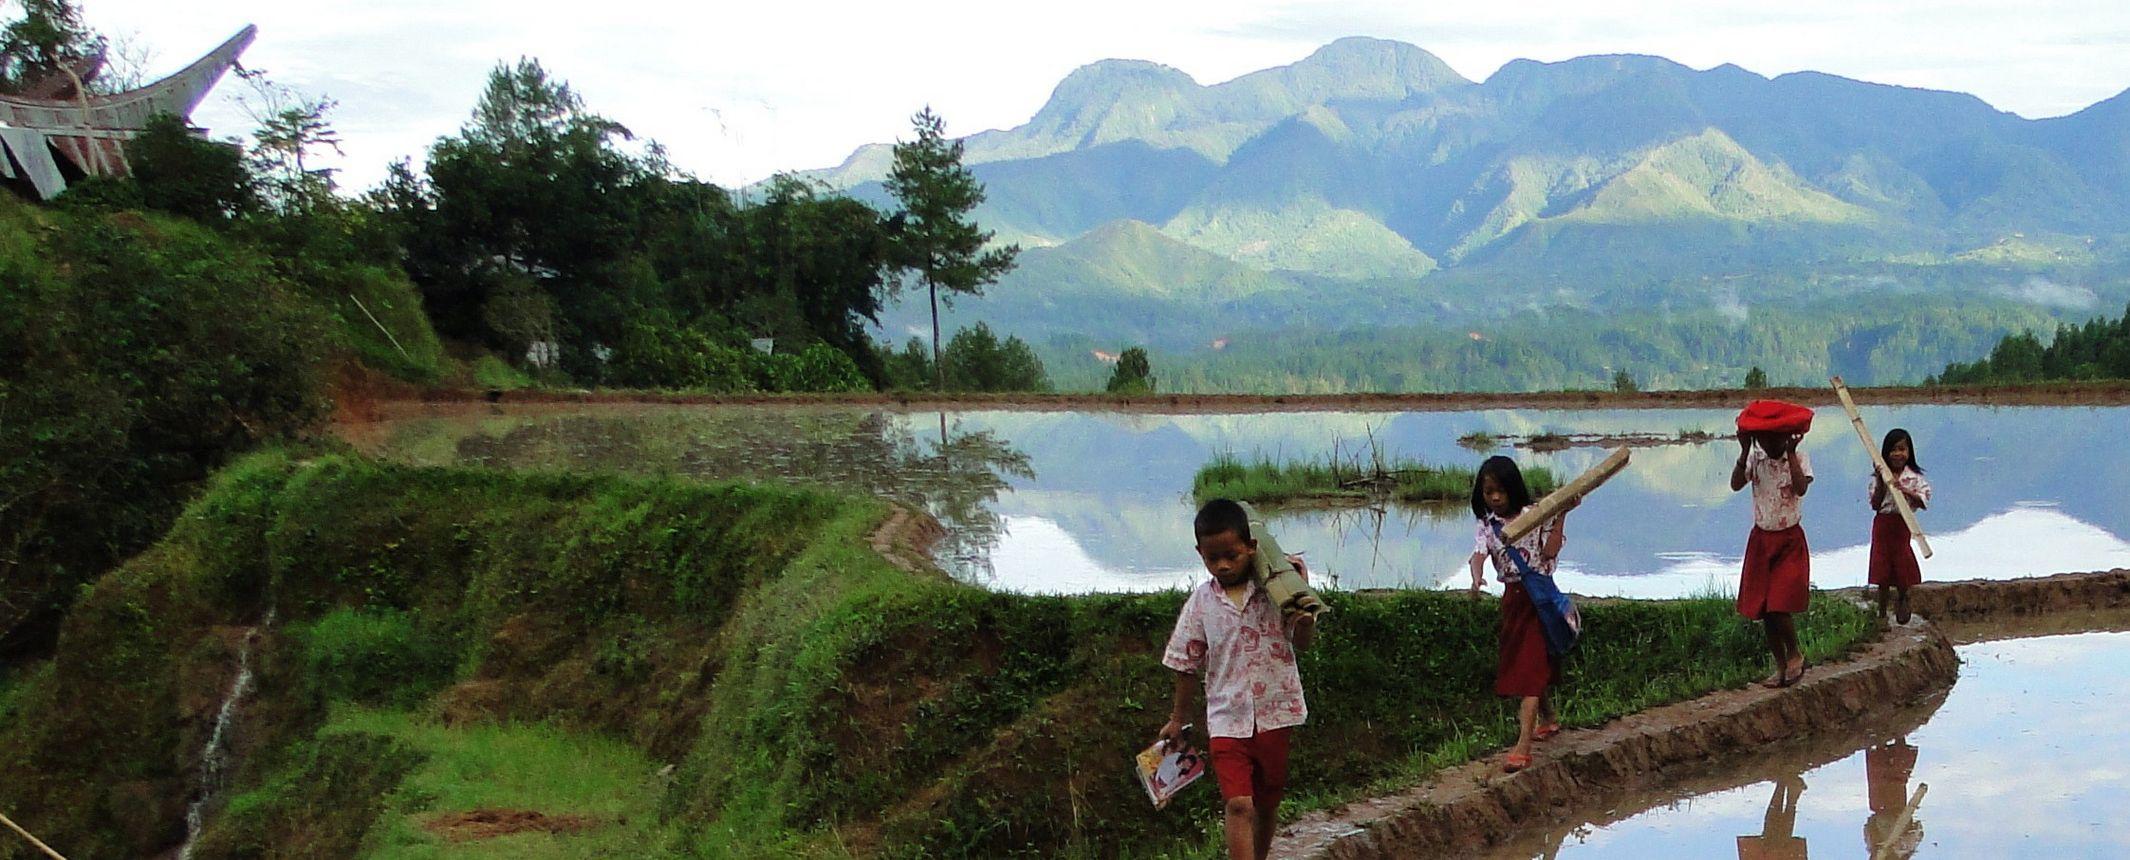 Borneo, Sulawesi y Bali con opción Parque de Komodo  – Salidas de JUN a OCT